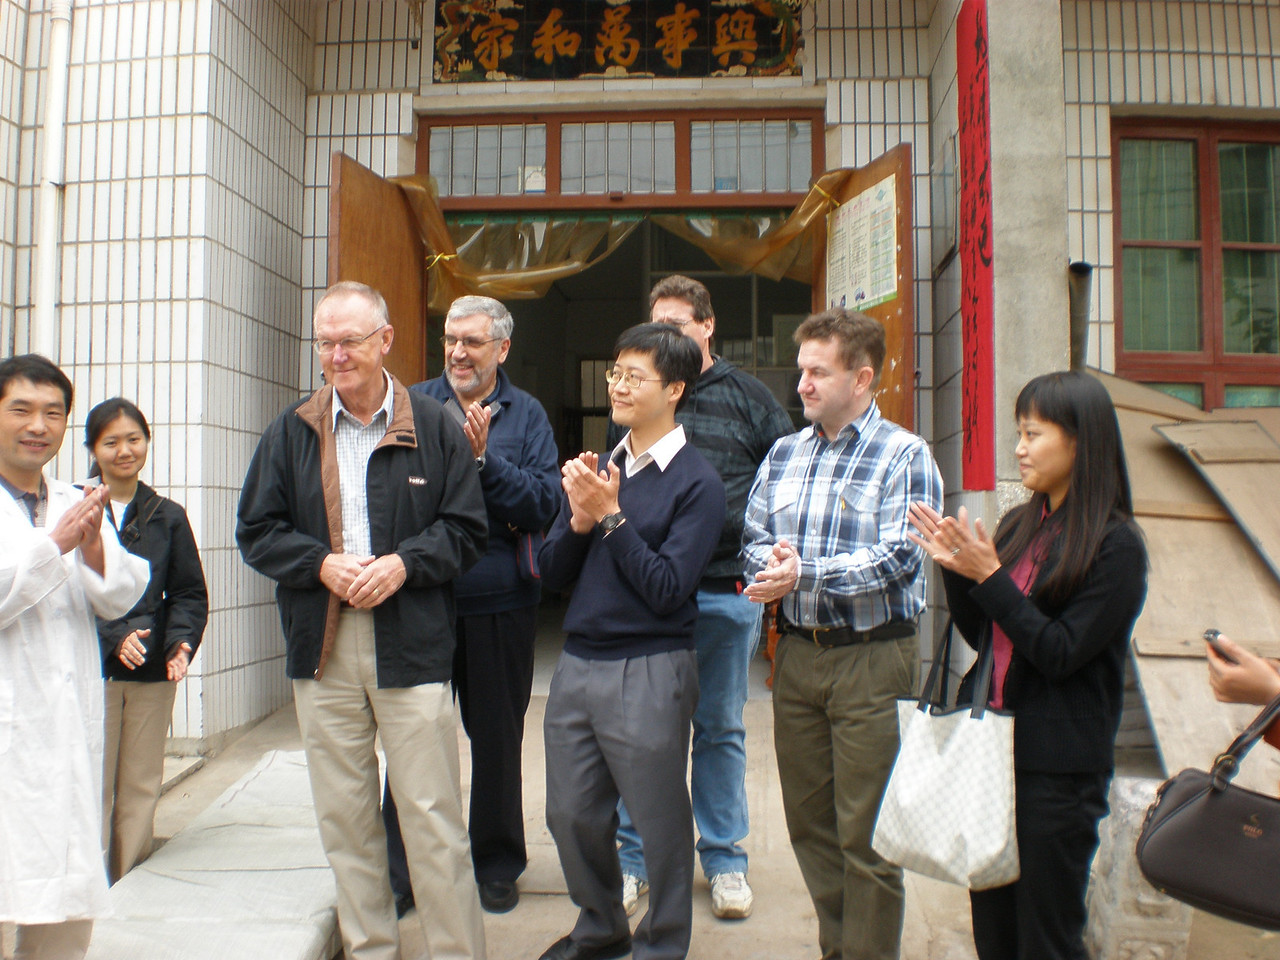 20081010_074 Good speech, David Ling.